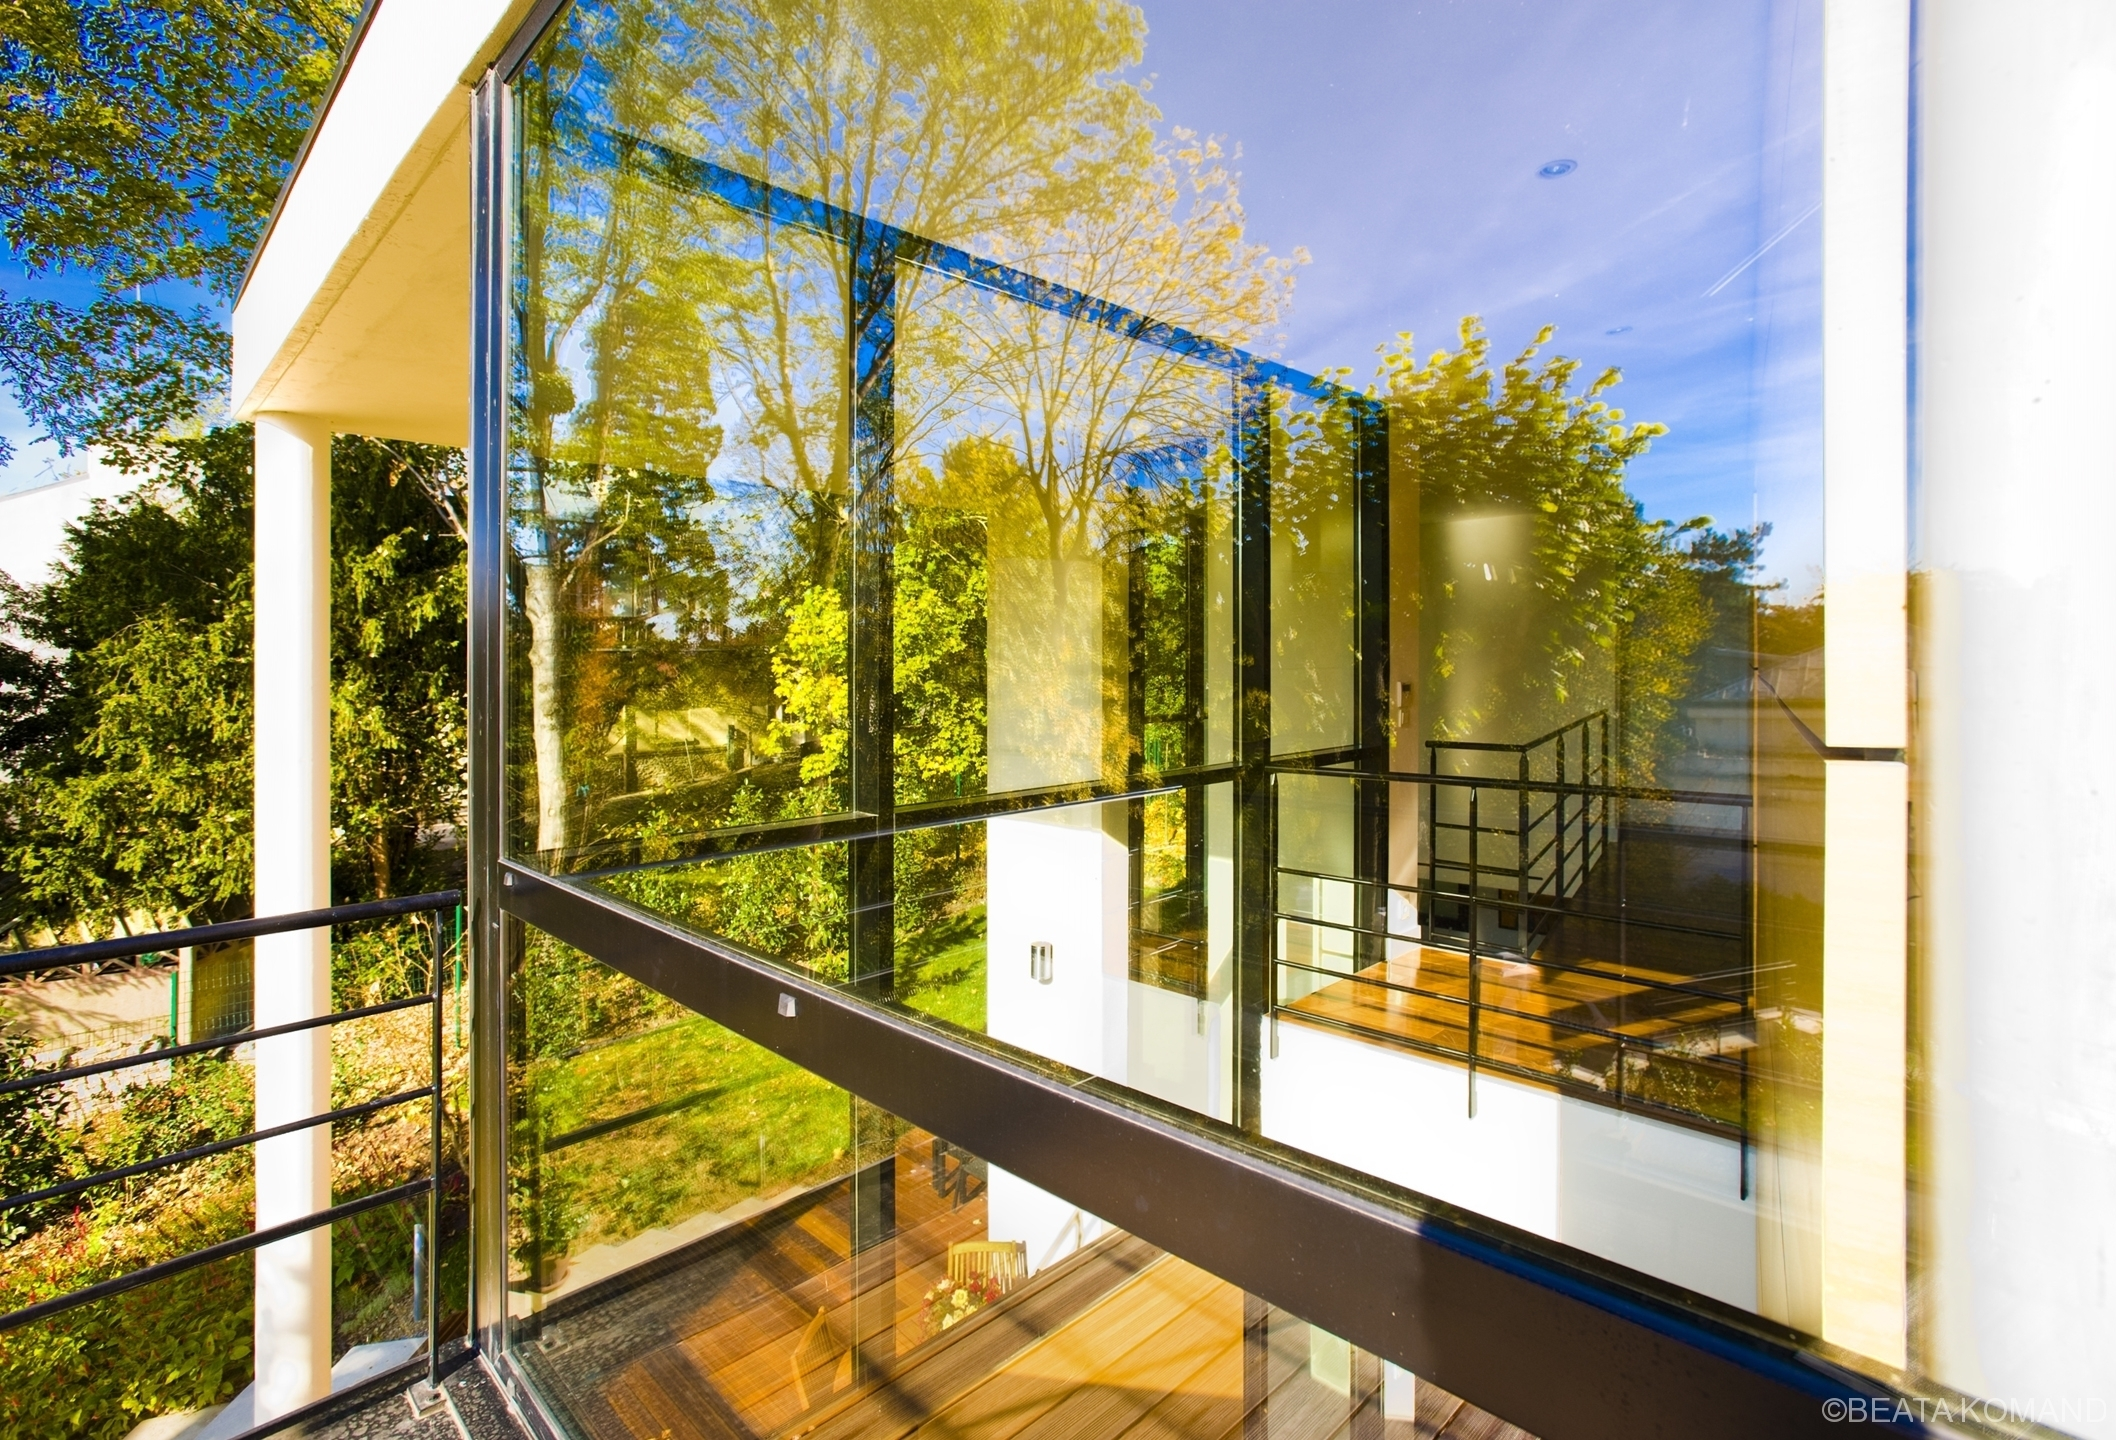 Murs en verre d'une maison à Sevres, l'oeuvre de l'architecte Louis-Alexandre Krier, Calk-M Architectes;